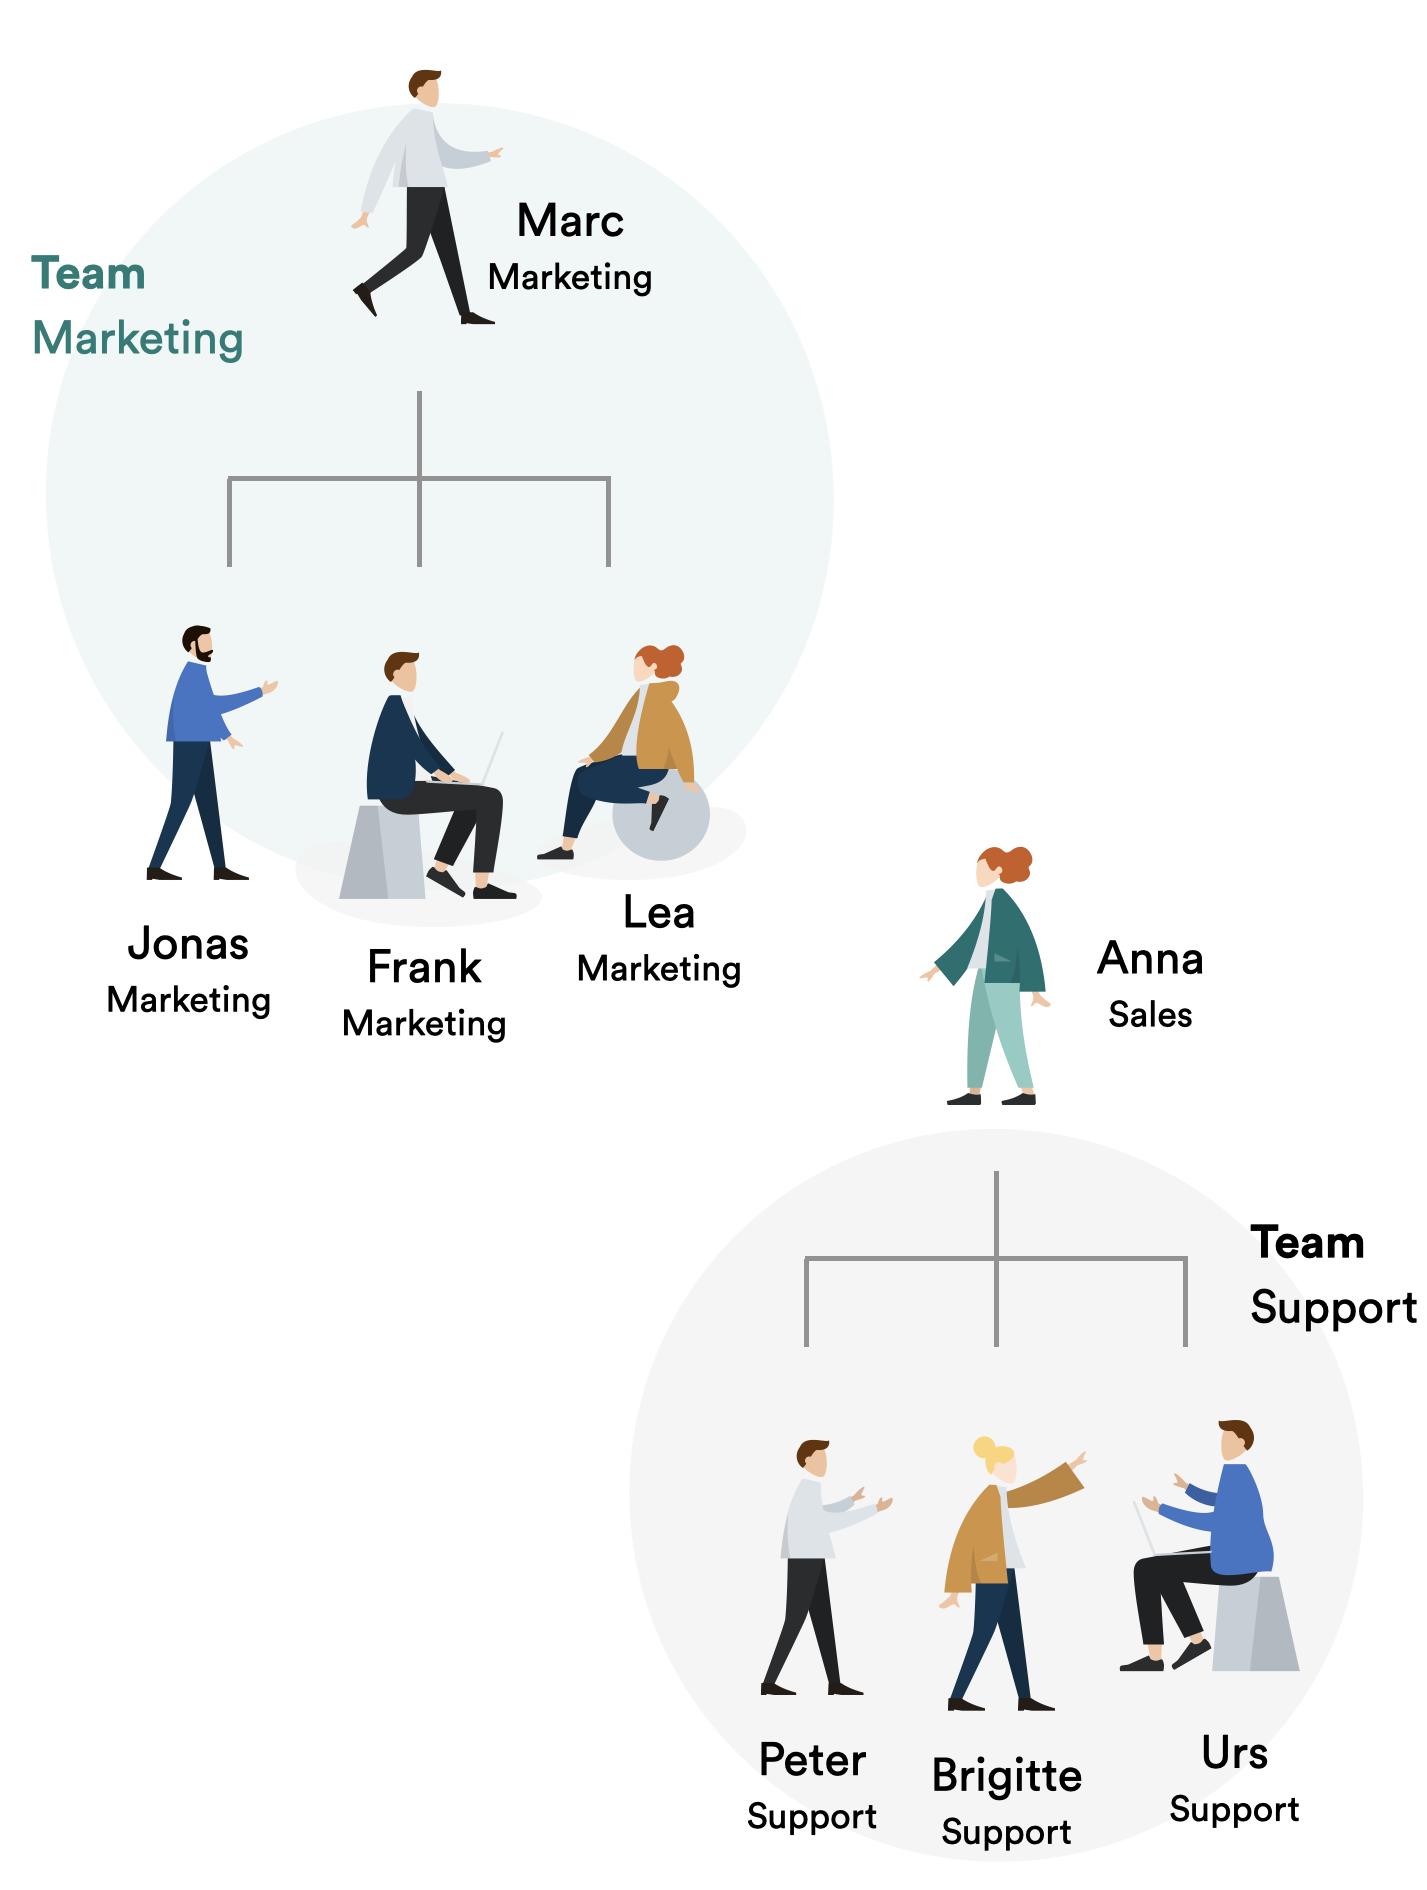 Grafik welche die Sichtbarkeit im Team abbildet